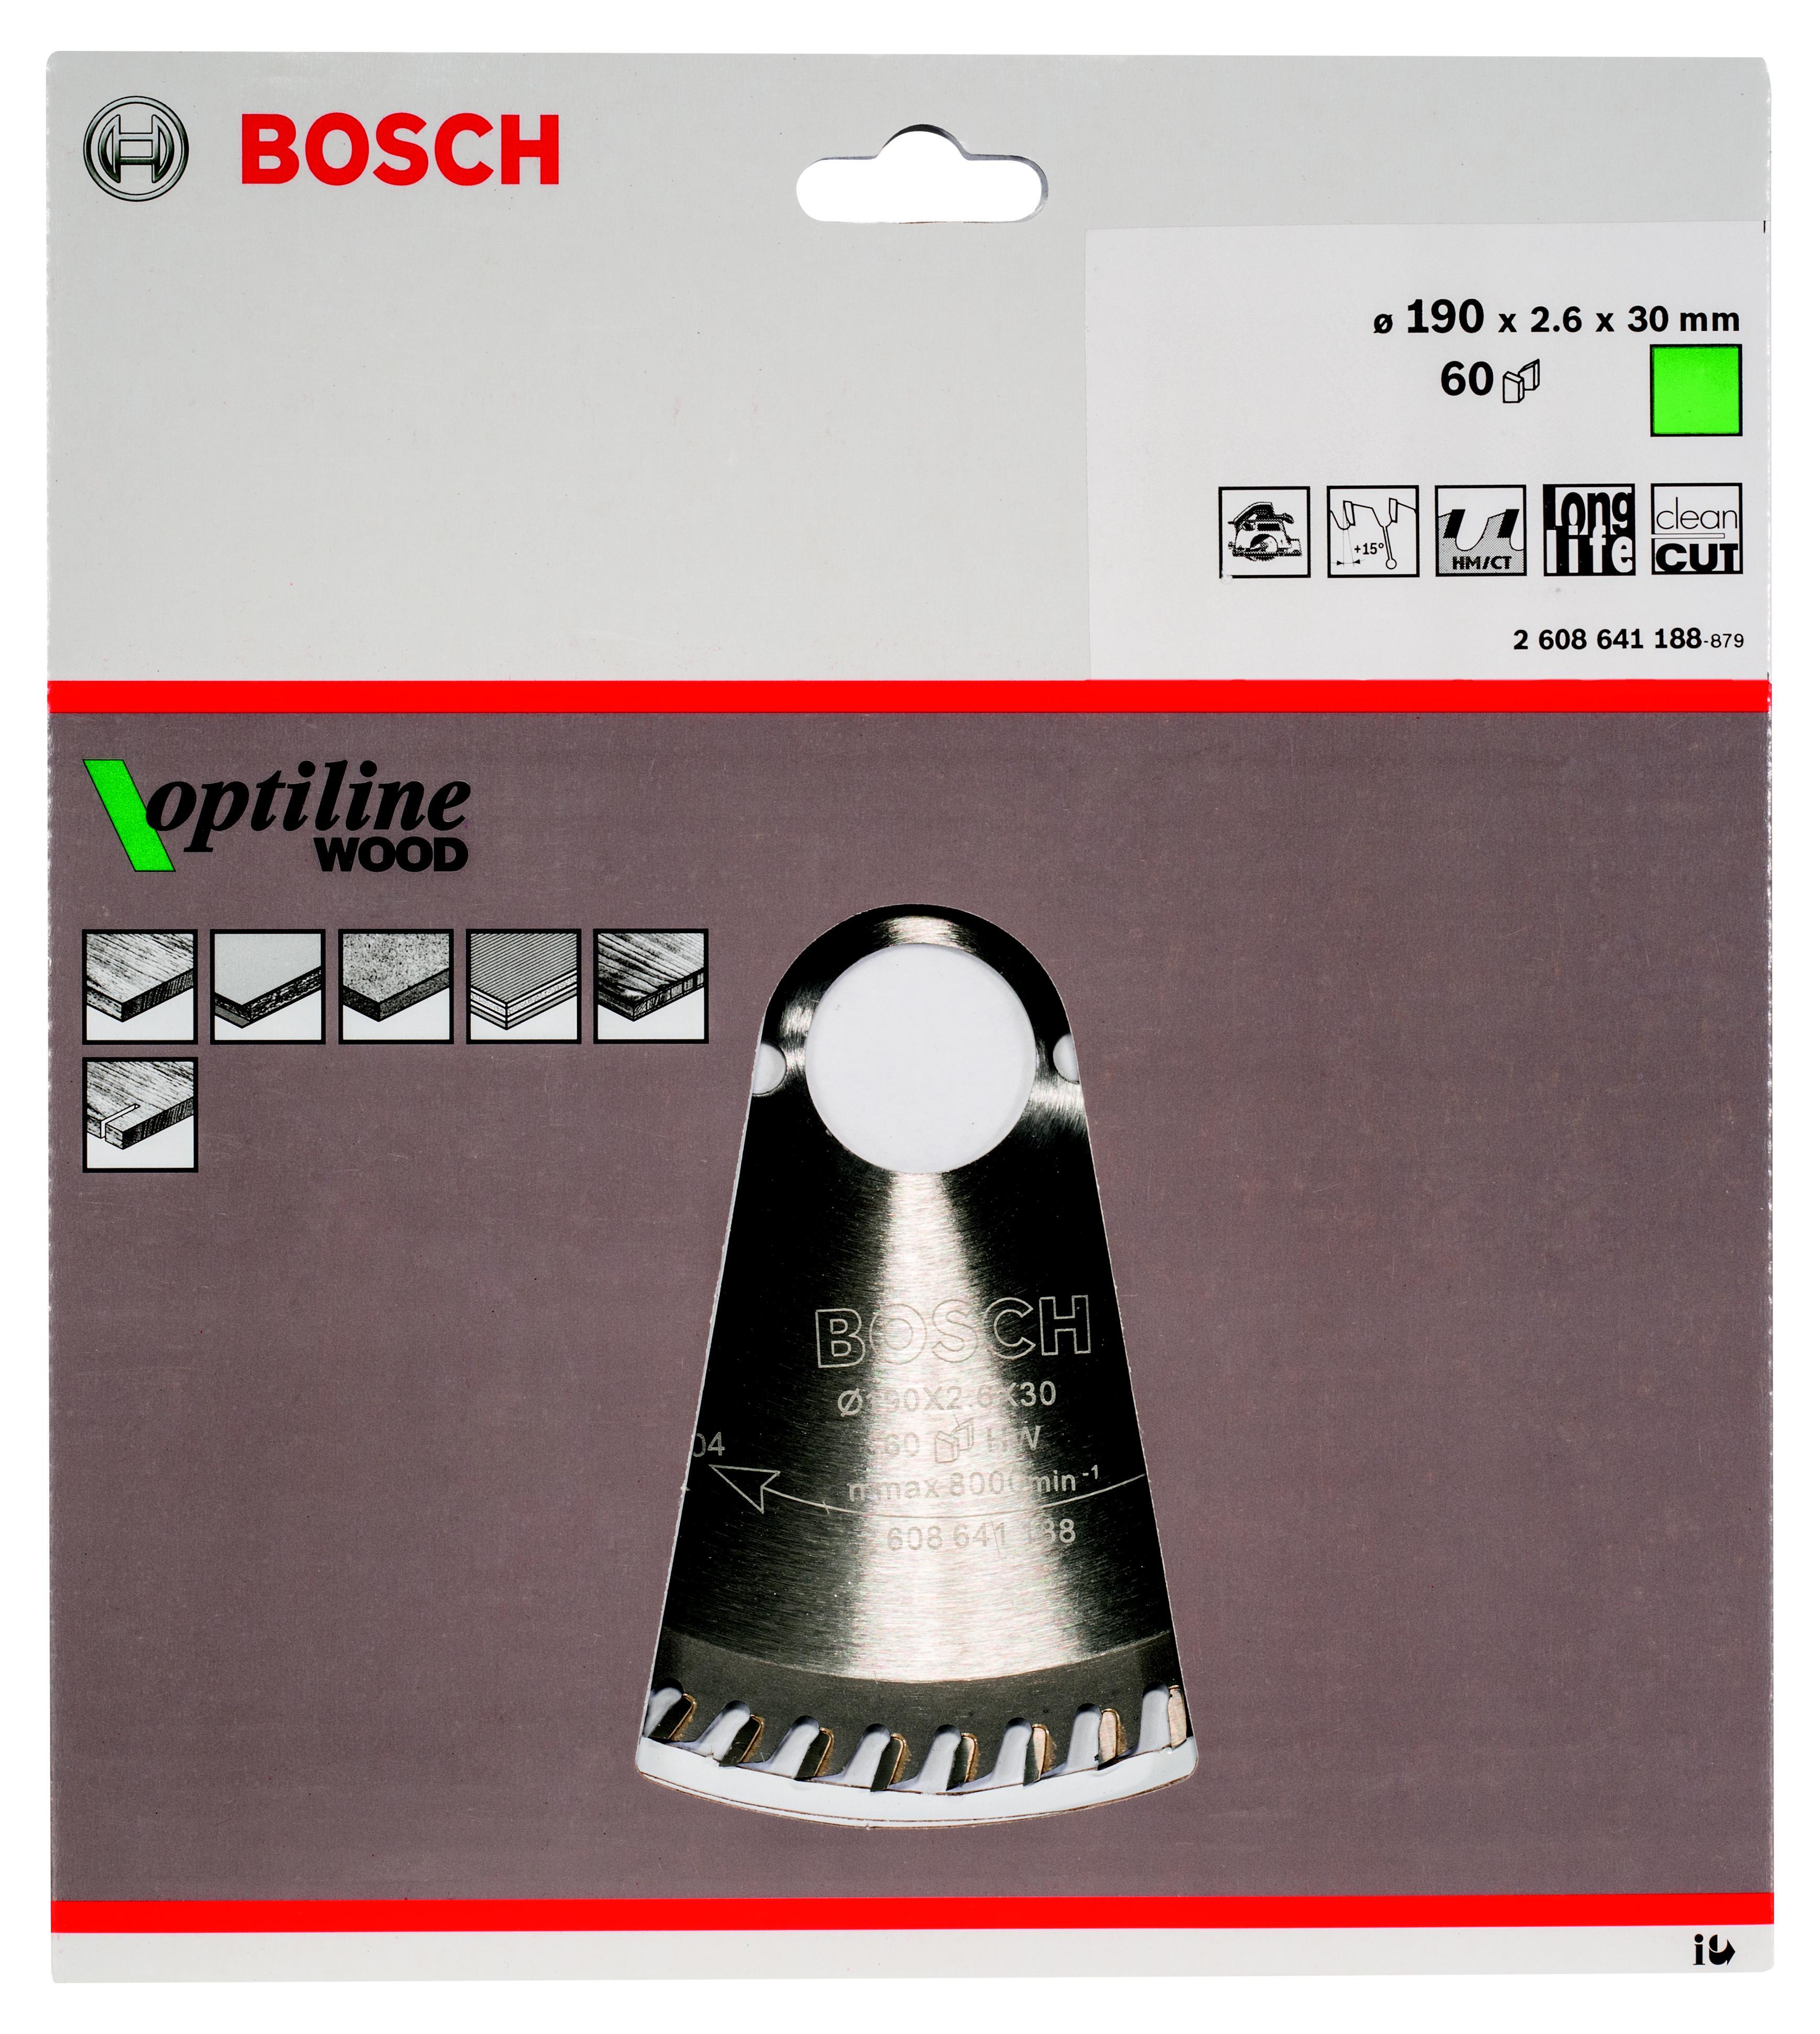 Диск пильный твердосплавный Bosch Optiline wood 190x60x30 (2.608.641.188) диск пильный твердосплавный bosch optiline wood 305x60x30 gcm 12 2 608 640 441